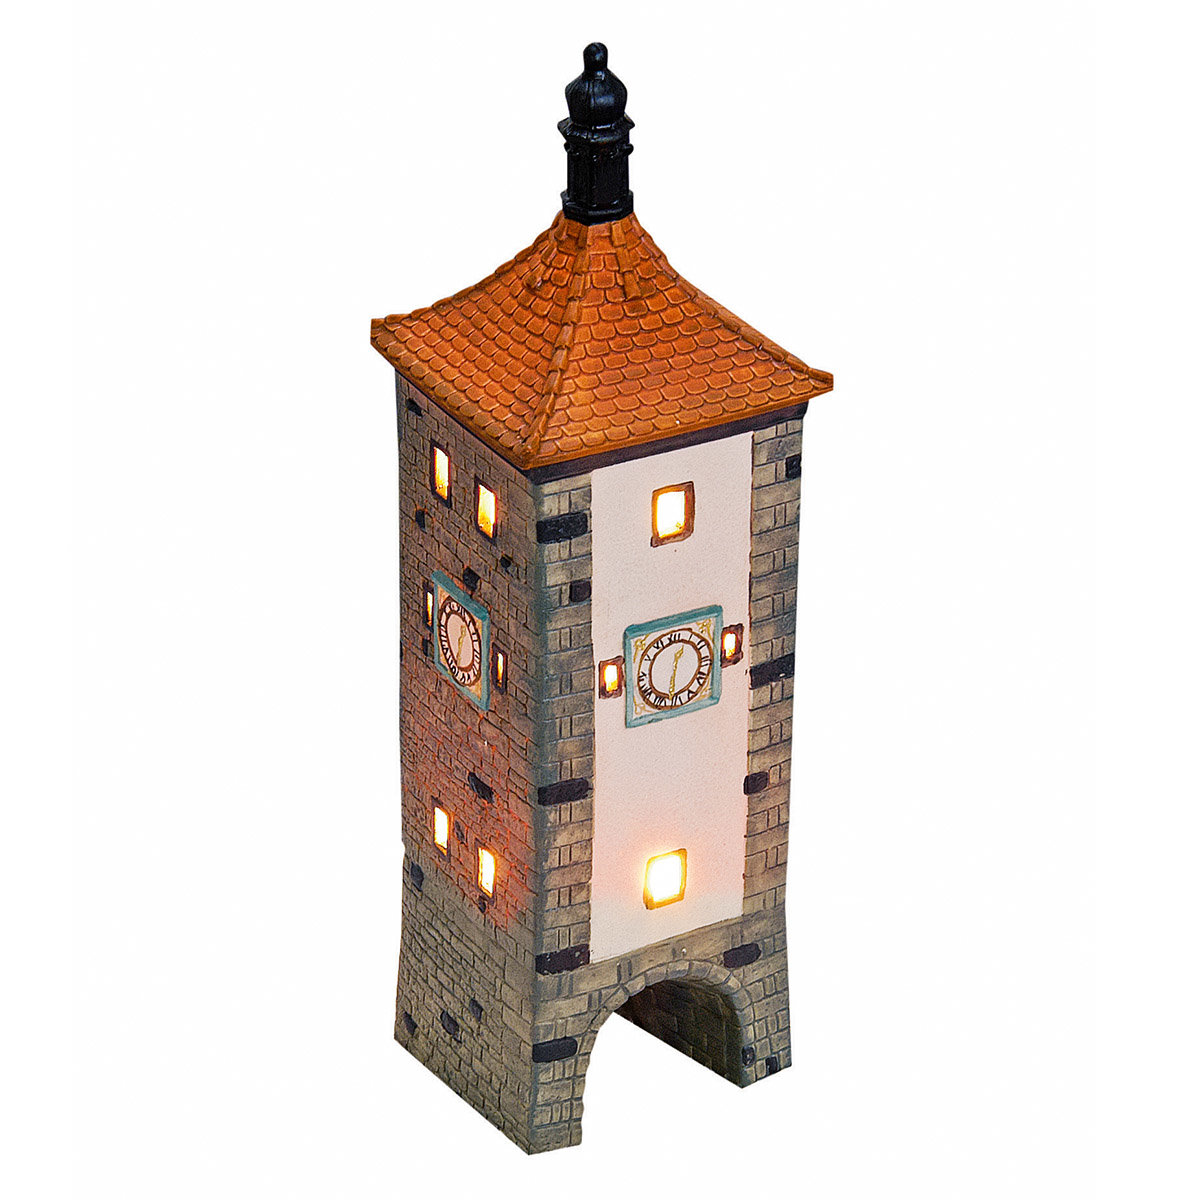 Miniatur-Lichthaus Siebertsturm in Rothenburg | #3